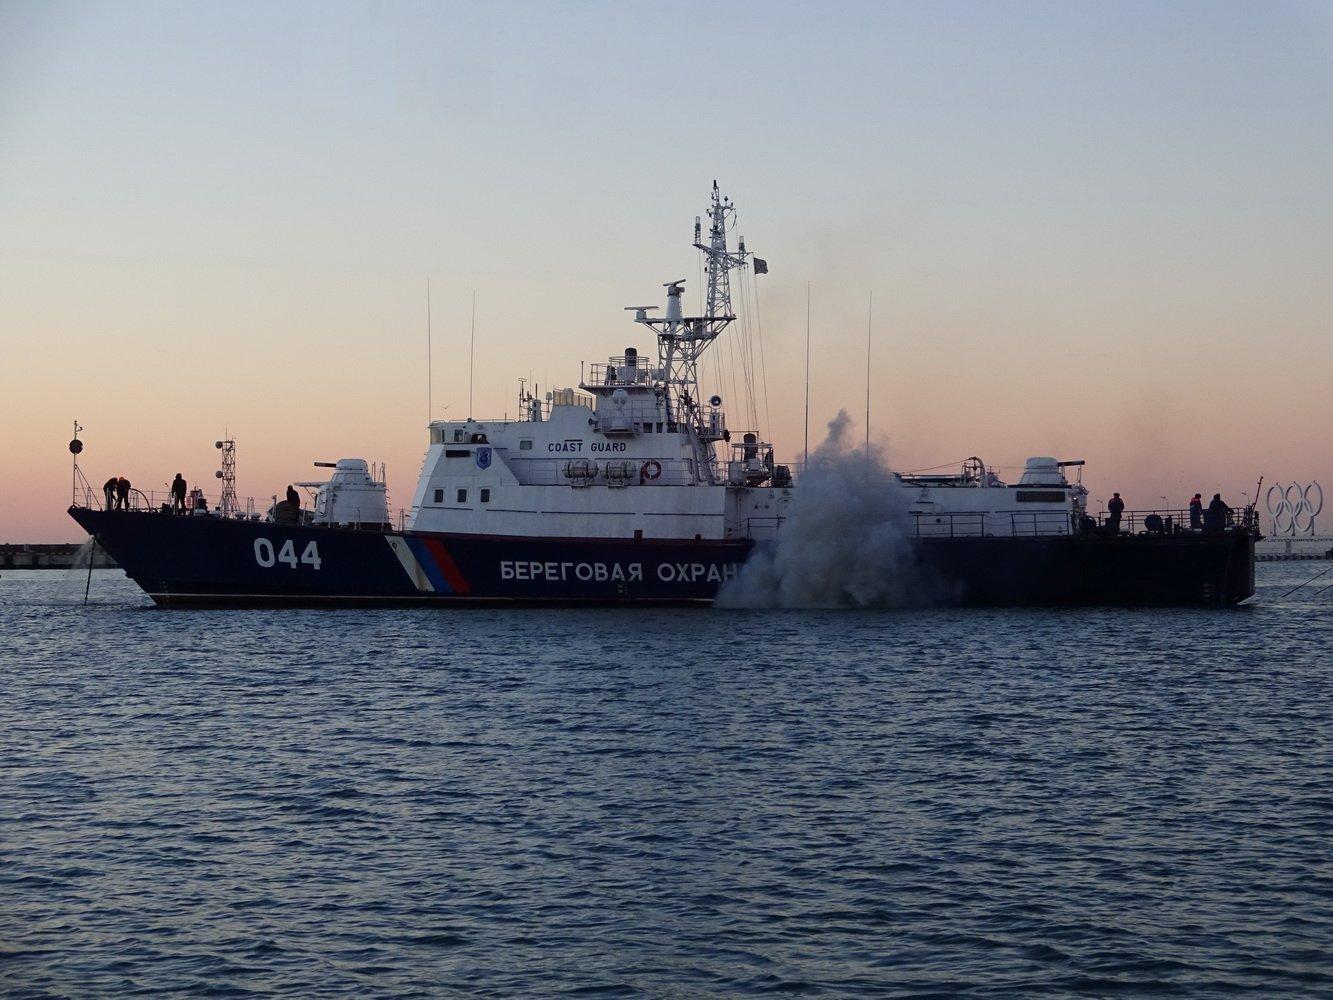 береговая охрана корабль картинки откуда хотела уезжать